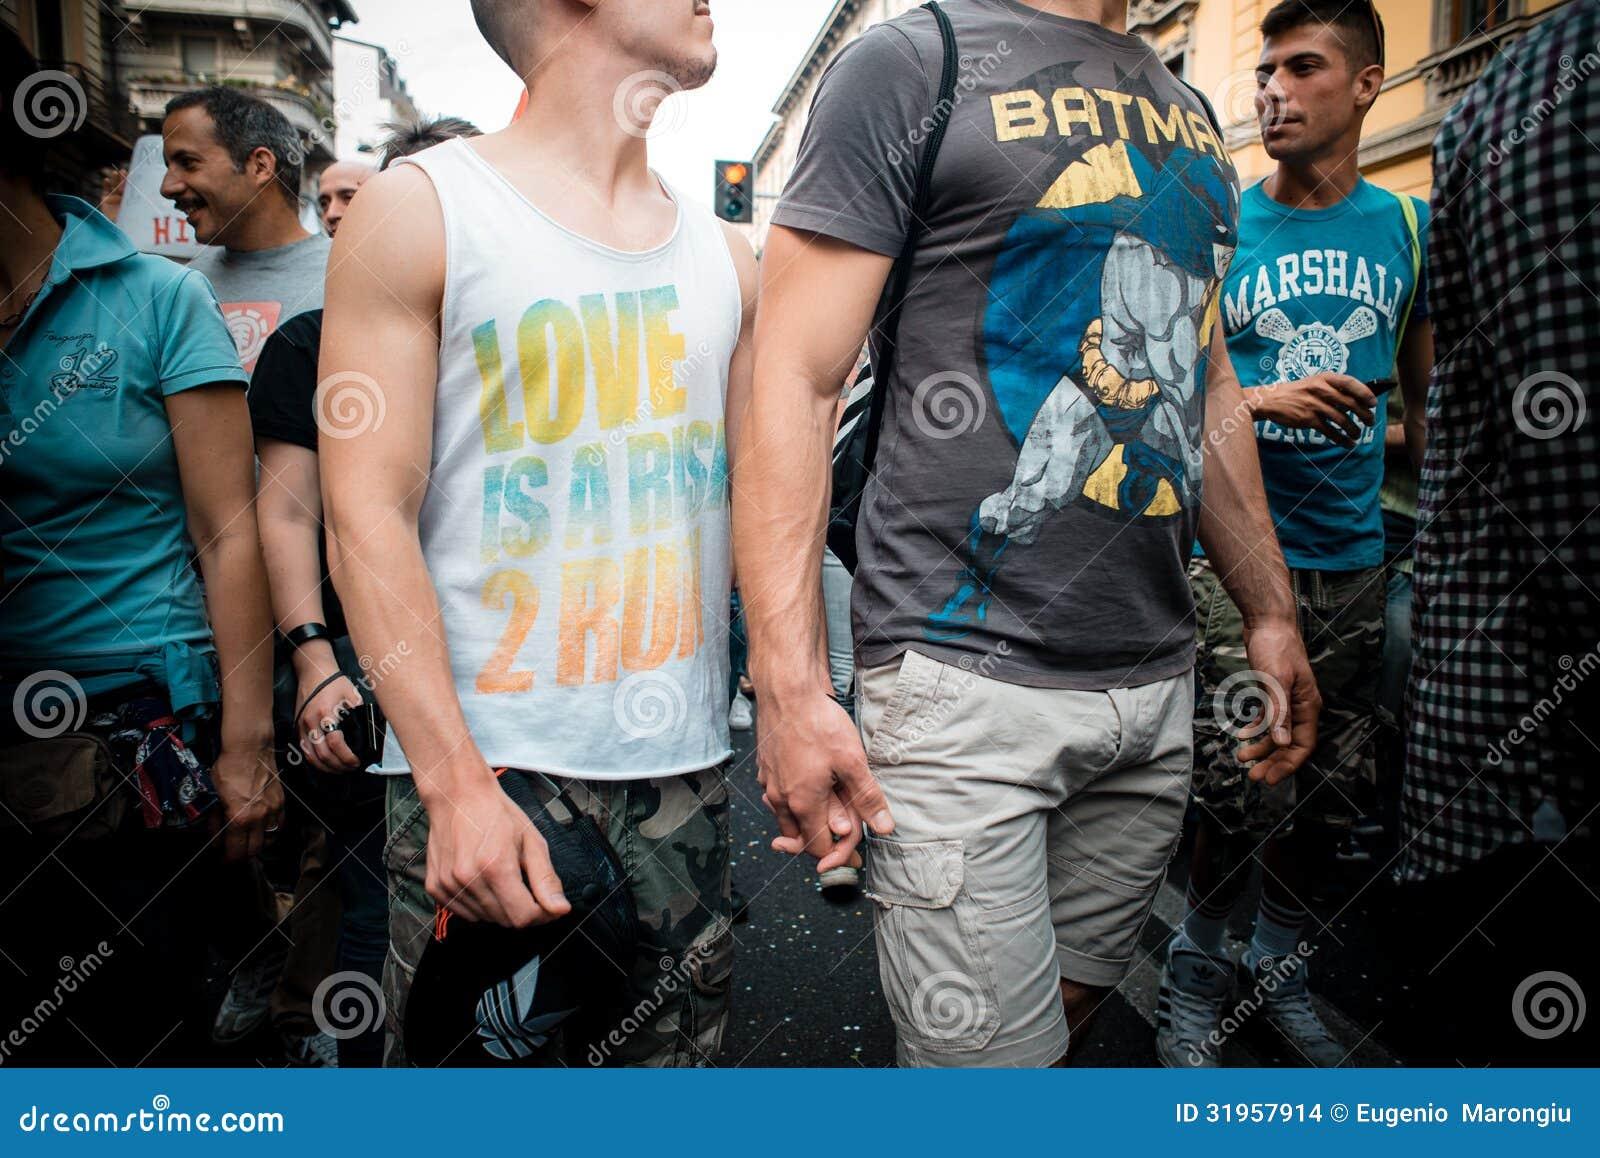 gay milan italy